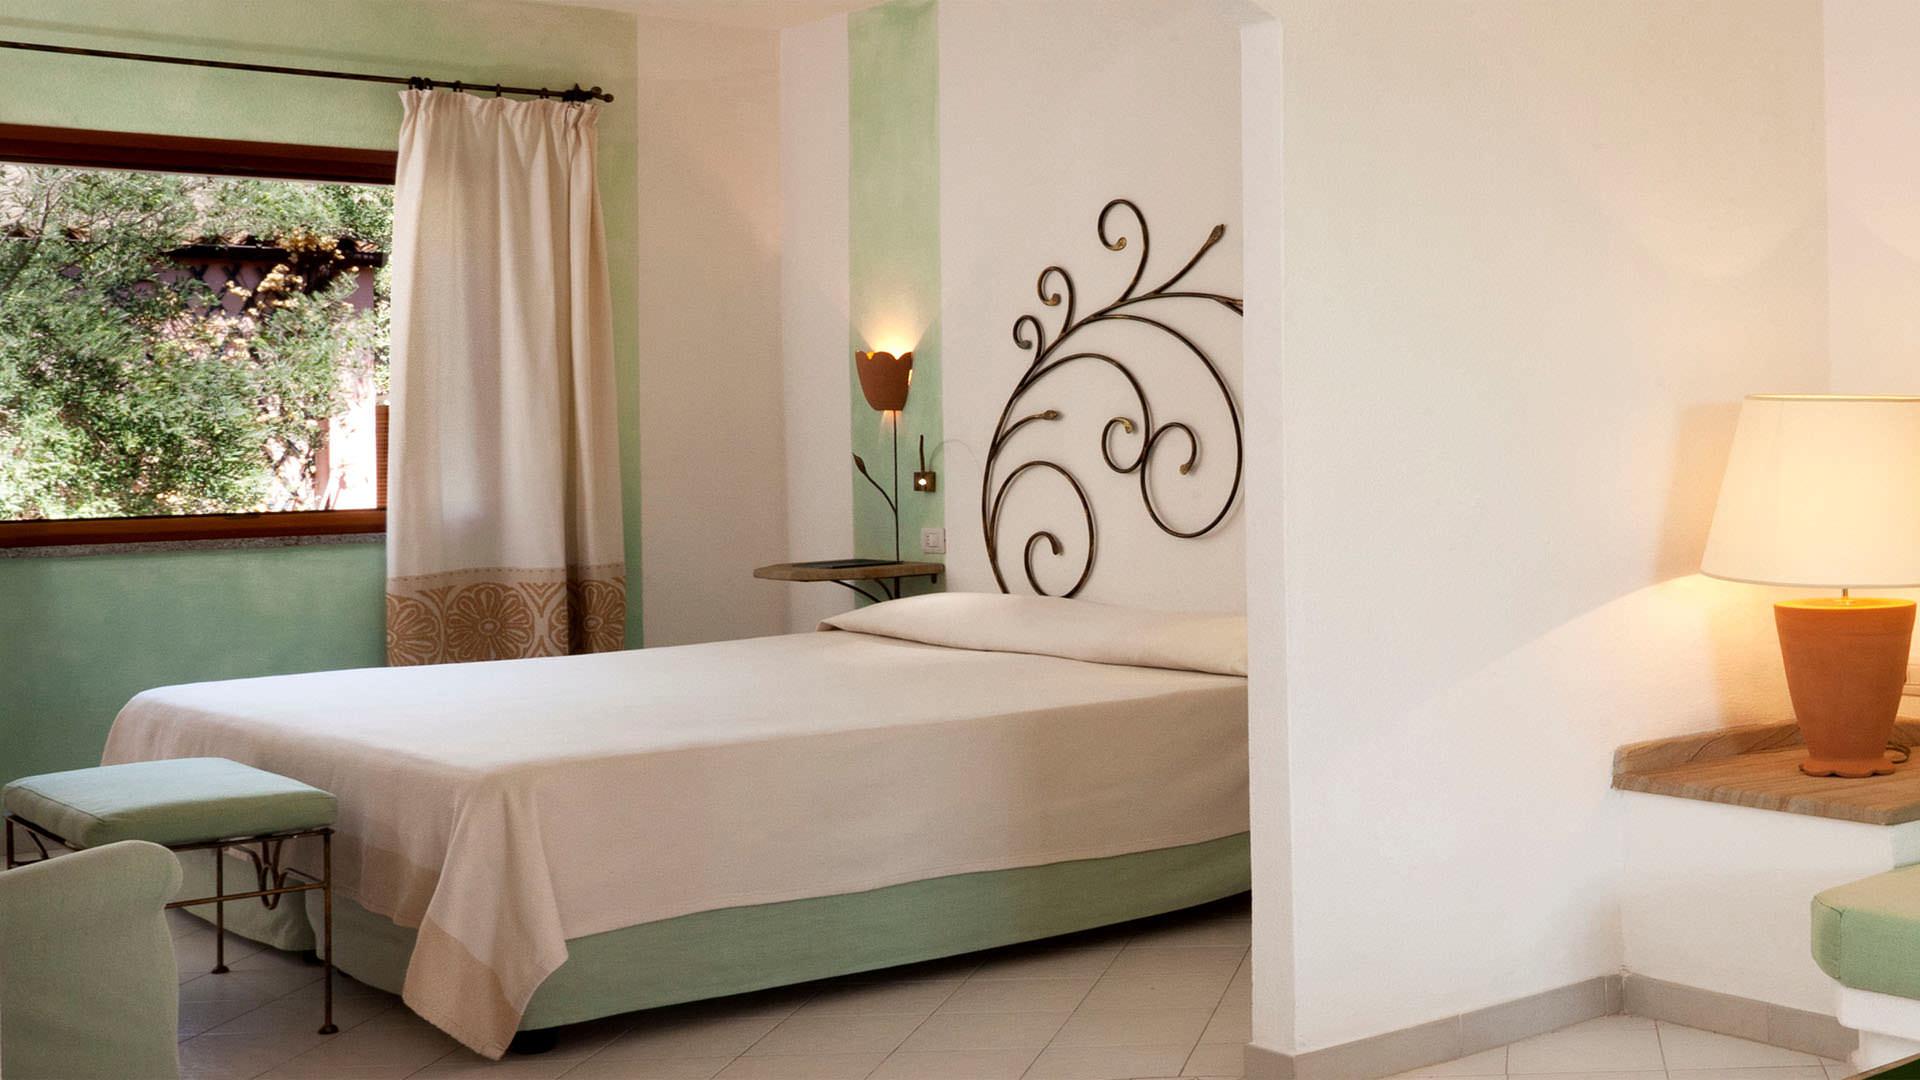 Hotel Cala di Falco, Family Suite, Cannigione, Sardegna